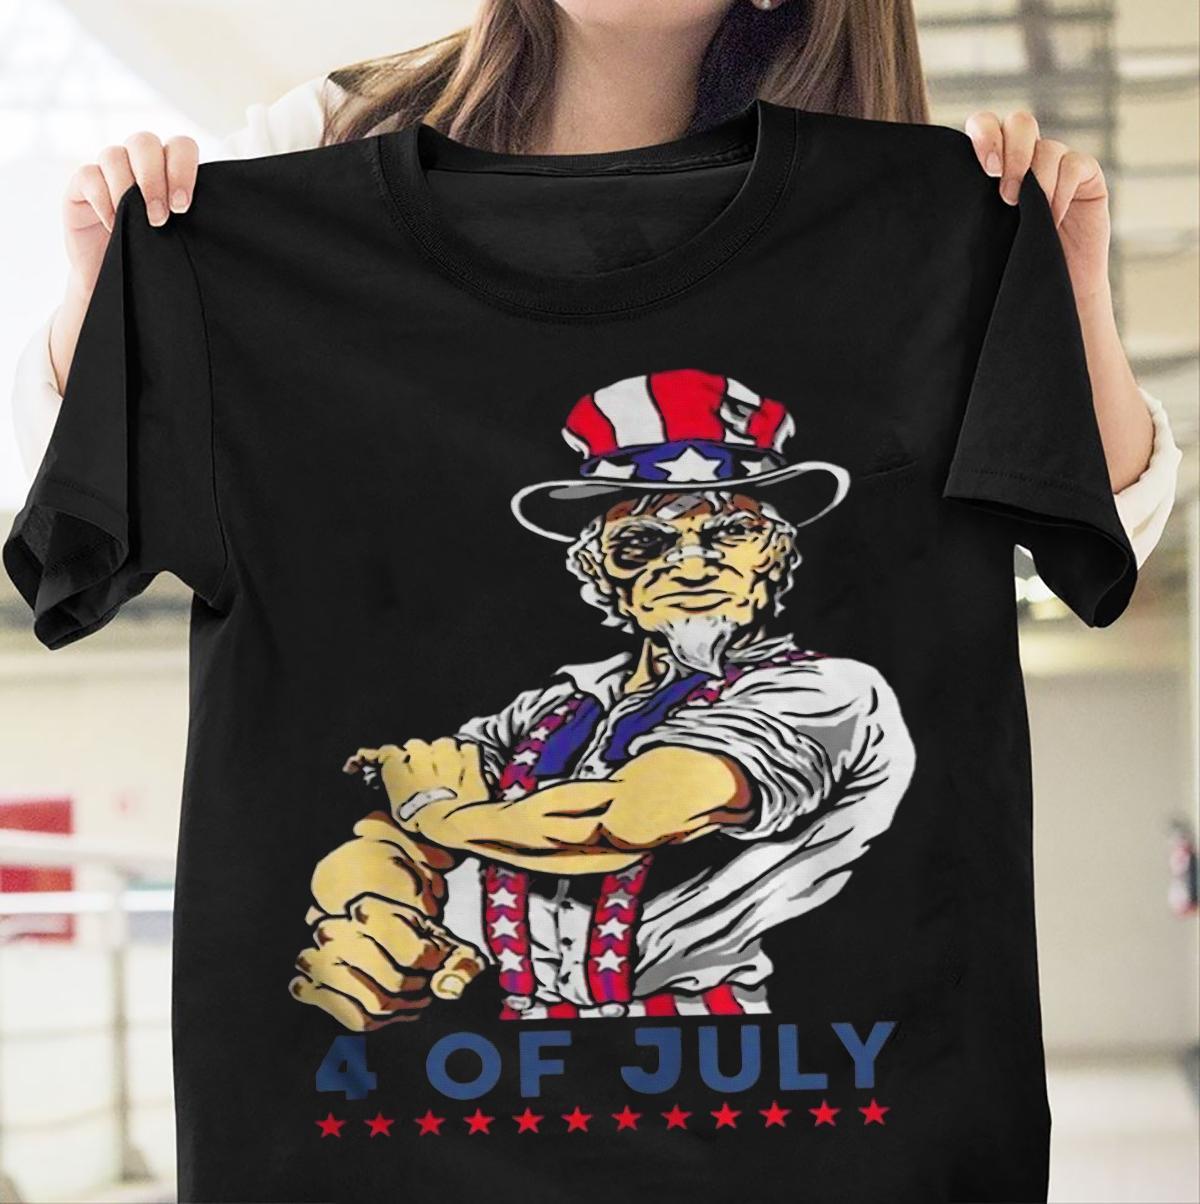 Дядя Сэм 4 июля Америка Флаг День независимости футболку подарков Happy Holiday Мужчины Женщины Мужская мода тенниску Бесплатная доставка